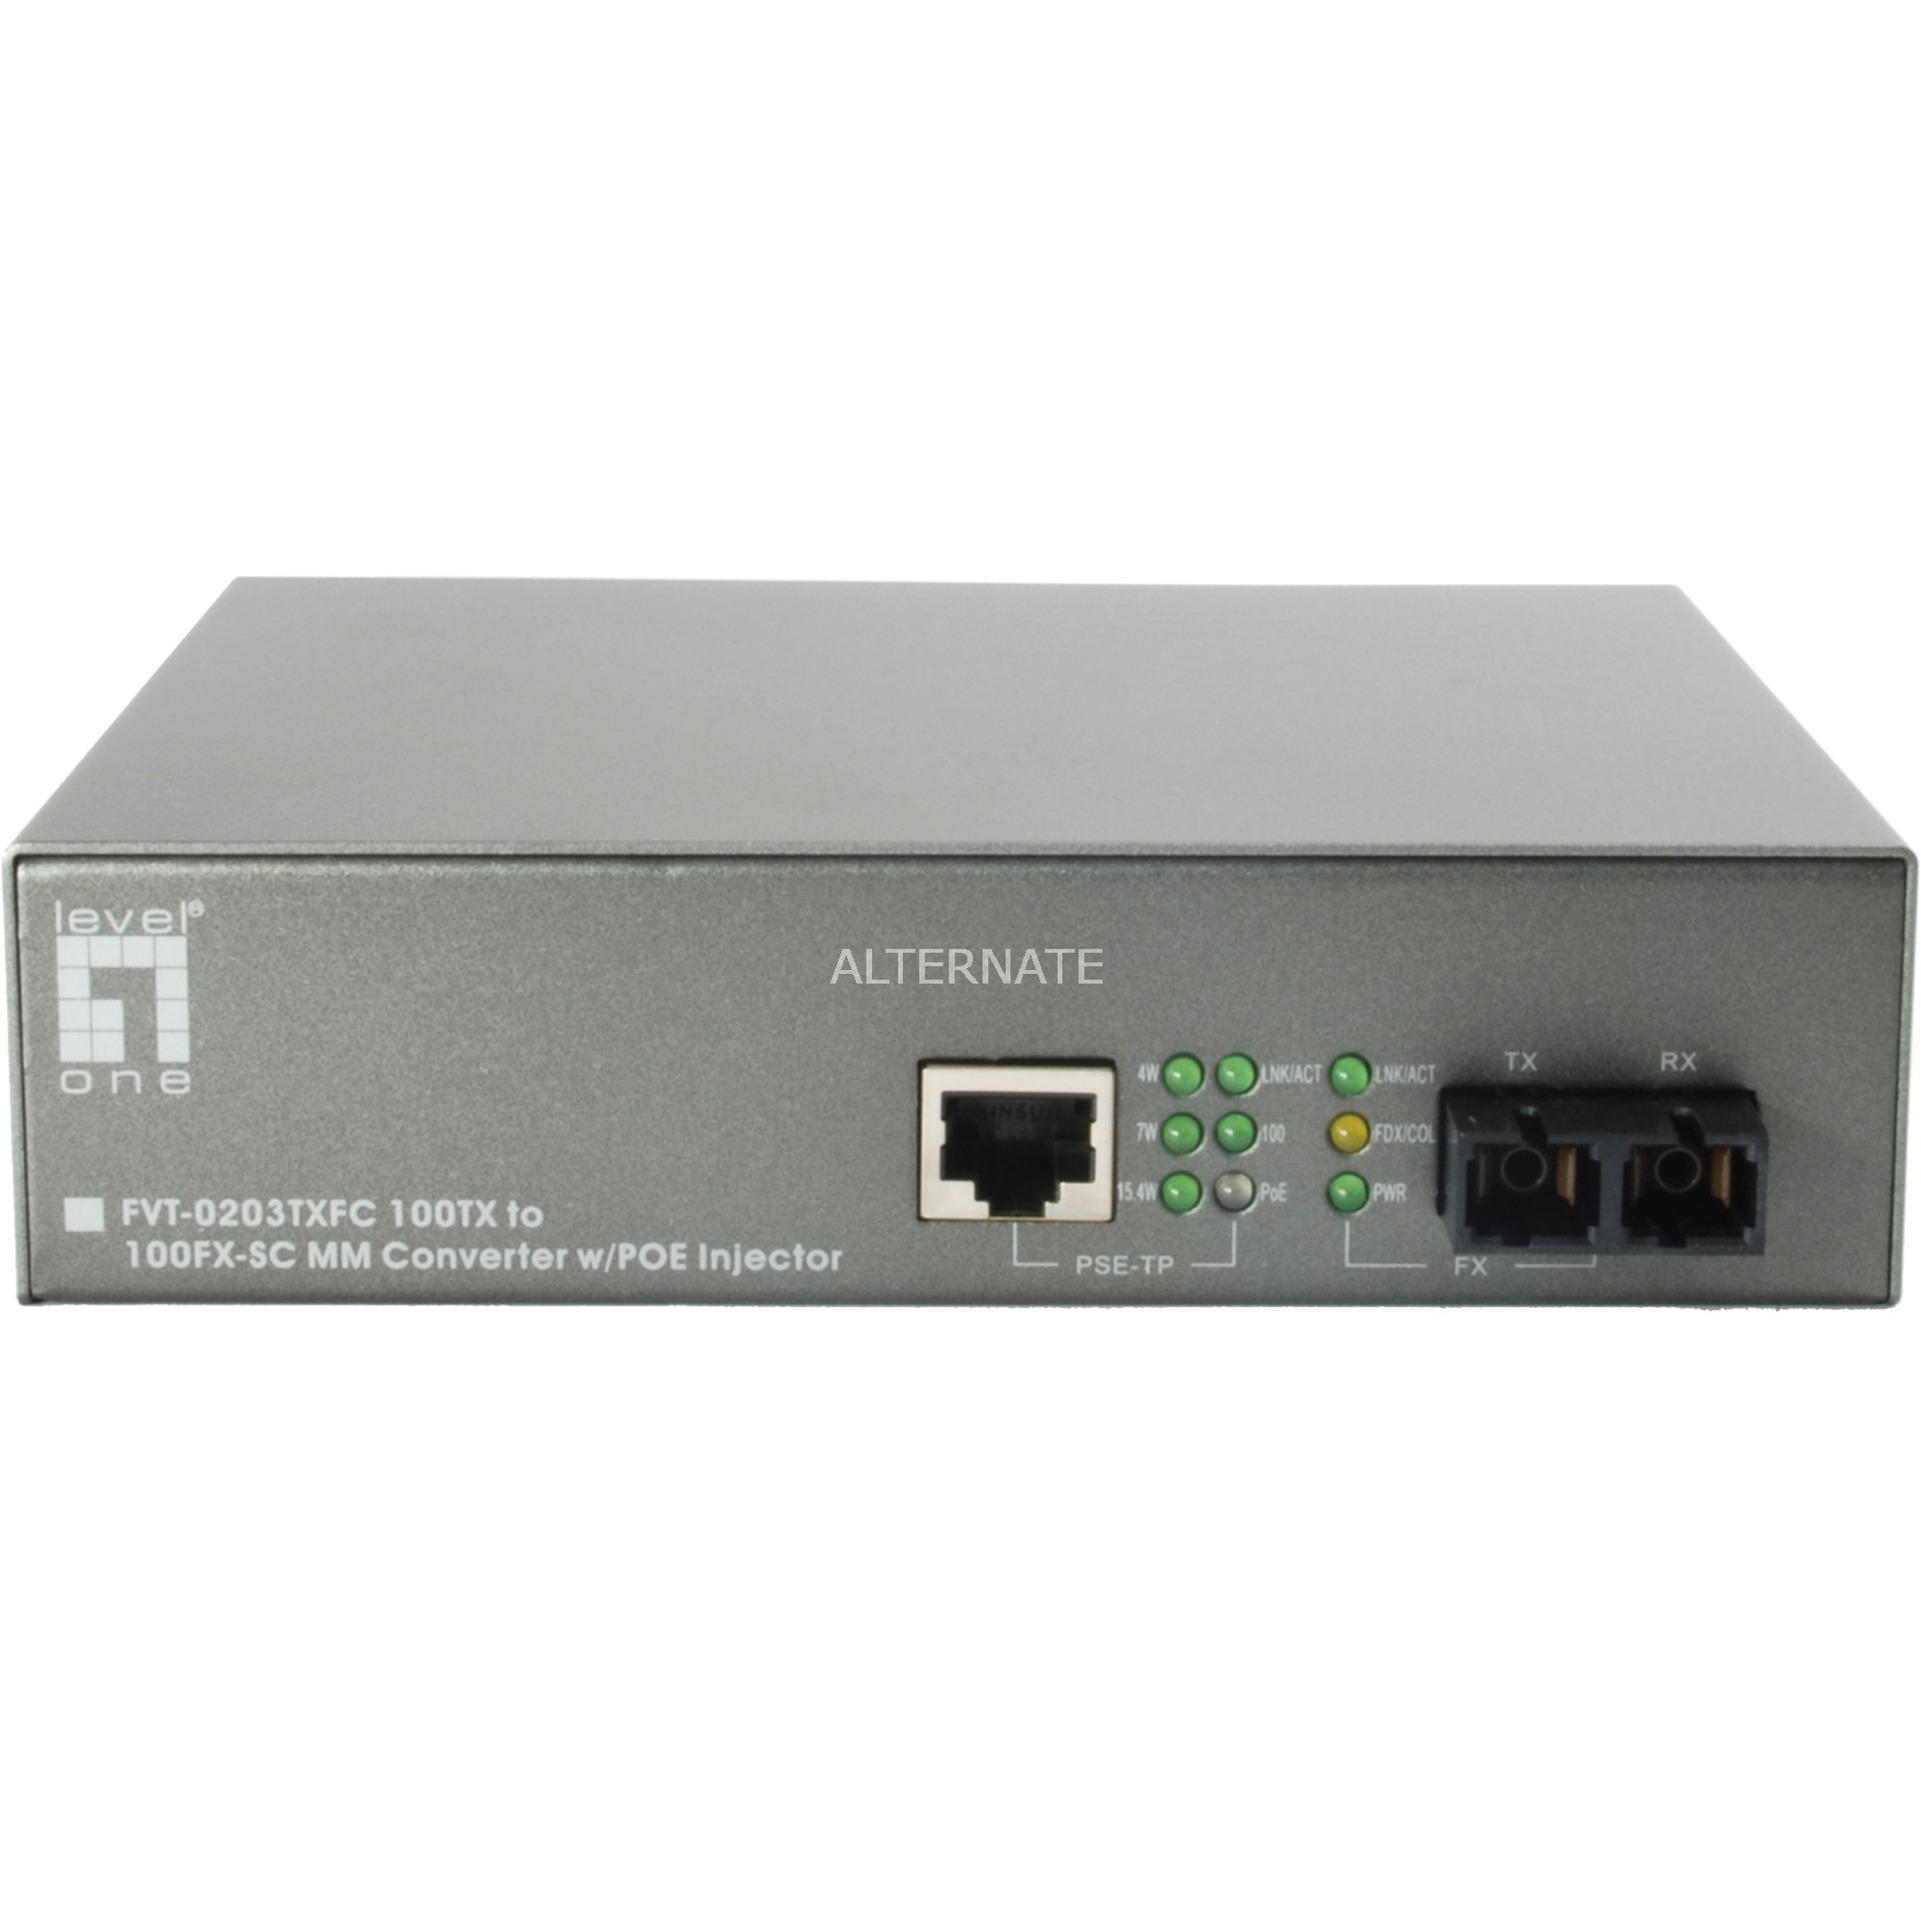 Convertidor SC MMF 100TX a 100FX-SC con Inyector PoE 15.4W